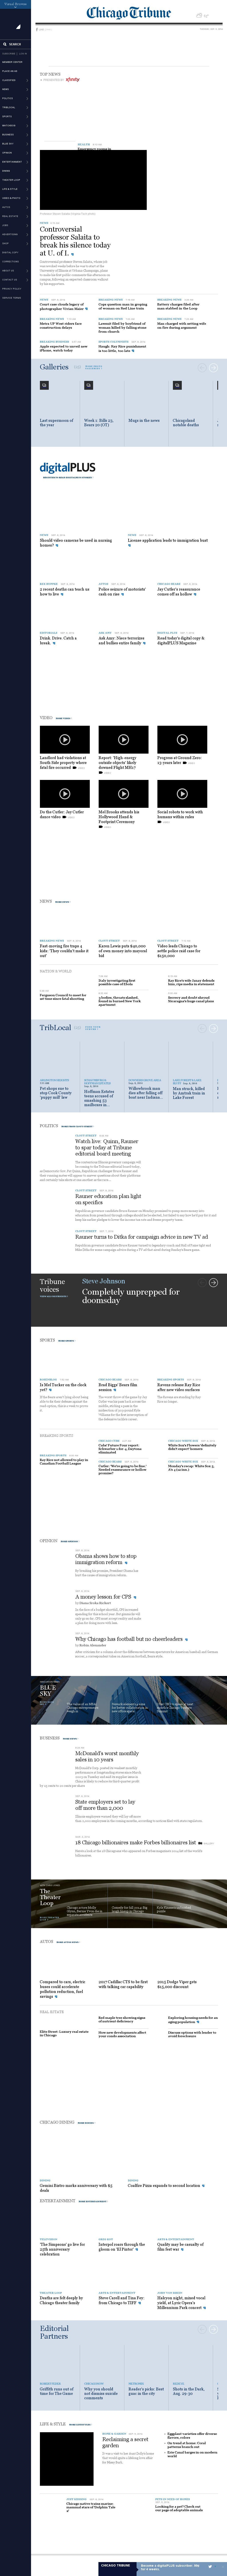 Chicago Tribune at Tuesday Sept. 9, 2014, 2:02 p.m. UTC